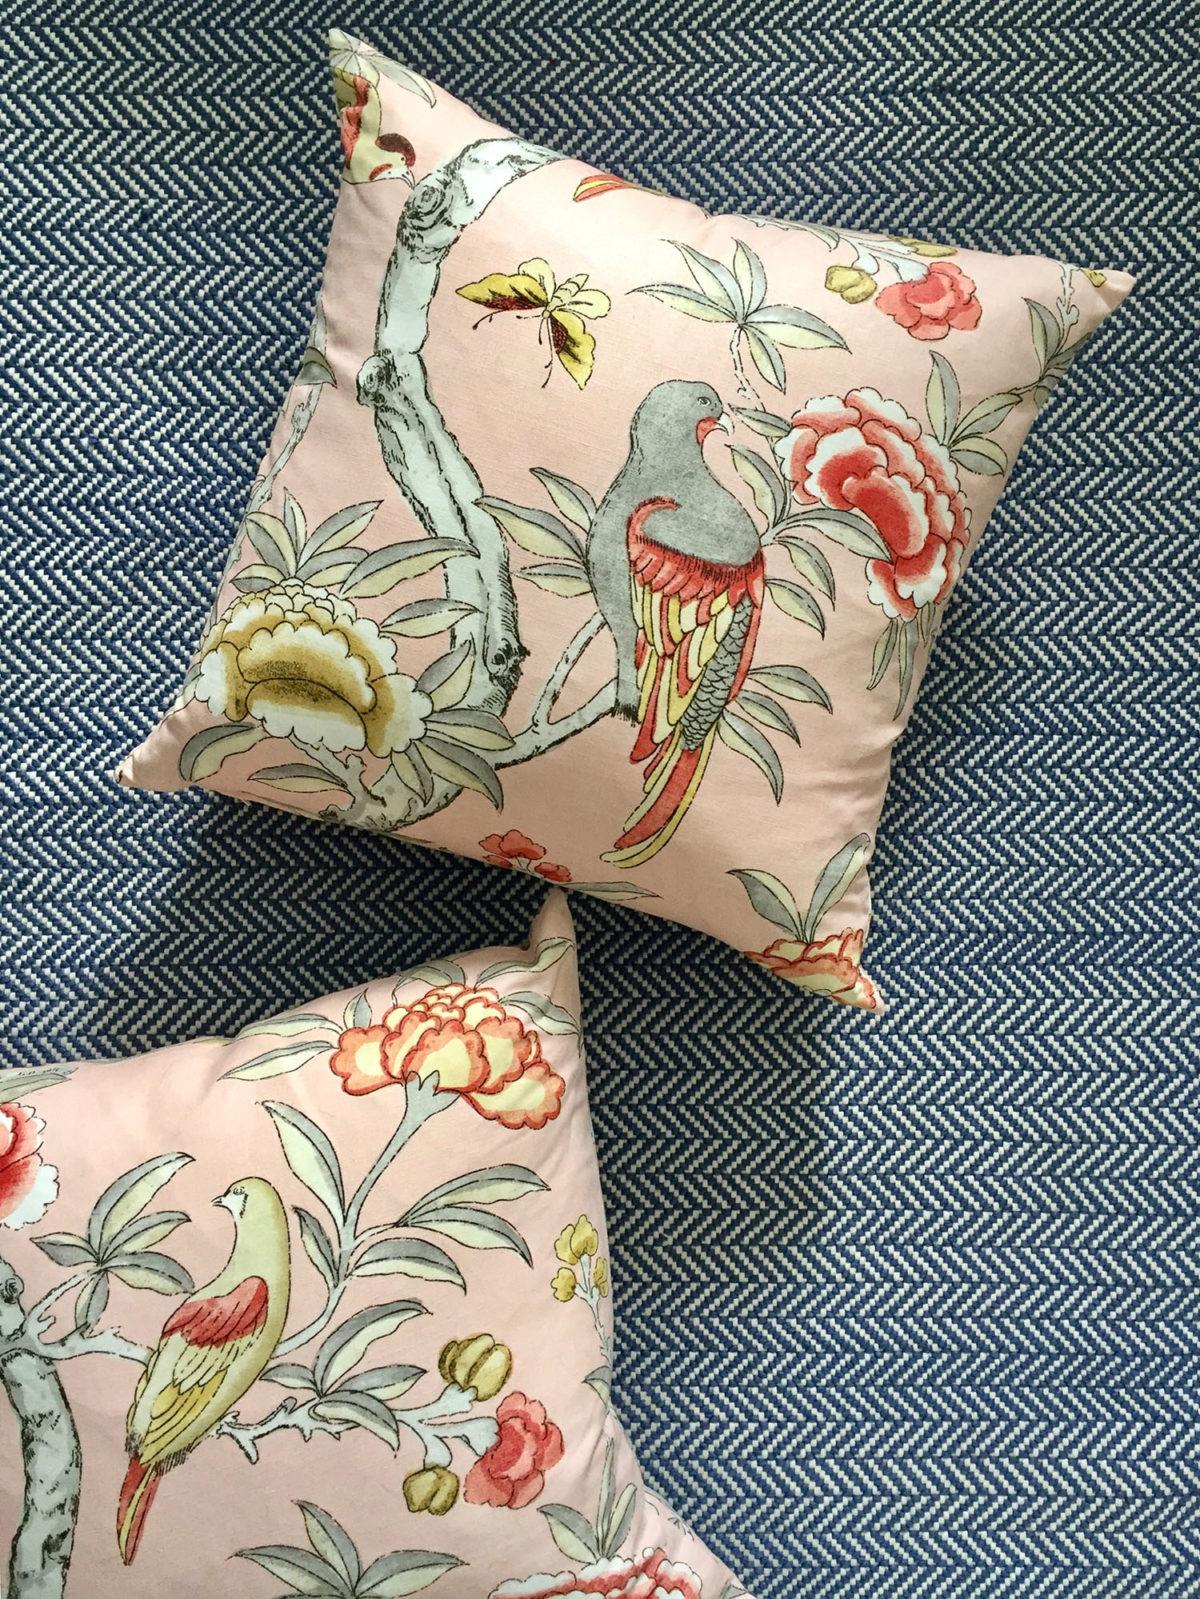 Interior Design Home Decor Giveaway Throw PIllows